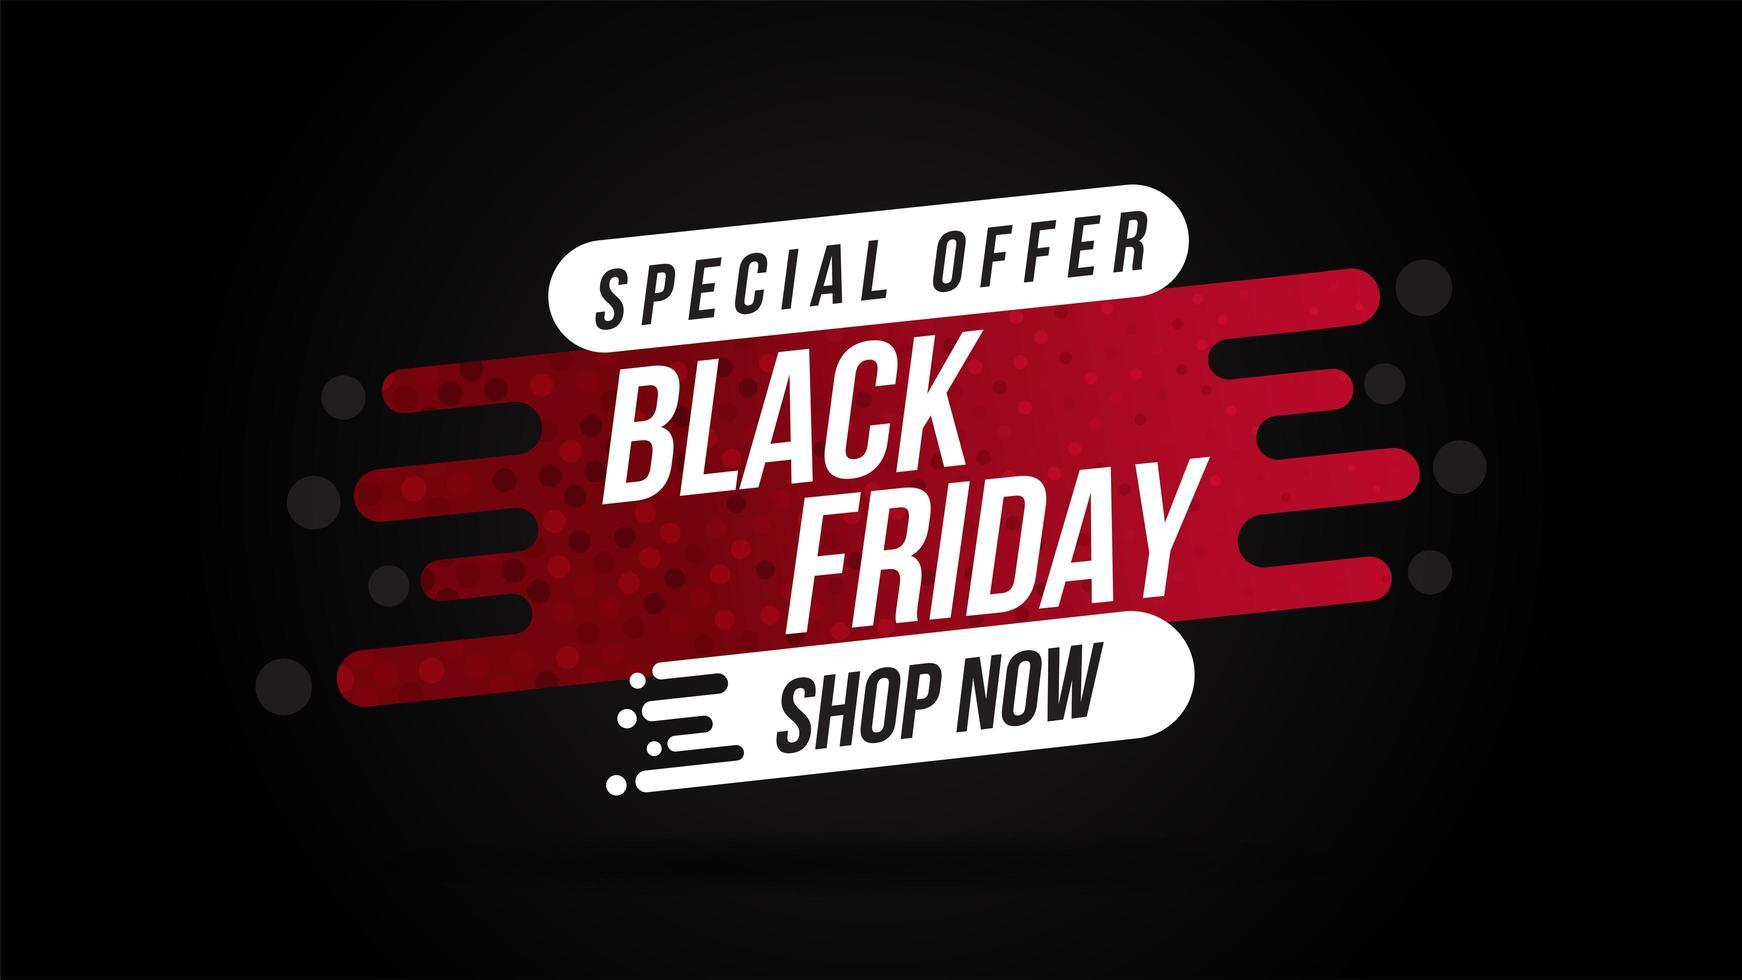 banner di vendita venerdì nero in rosso e nero vettore